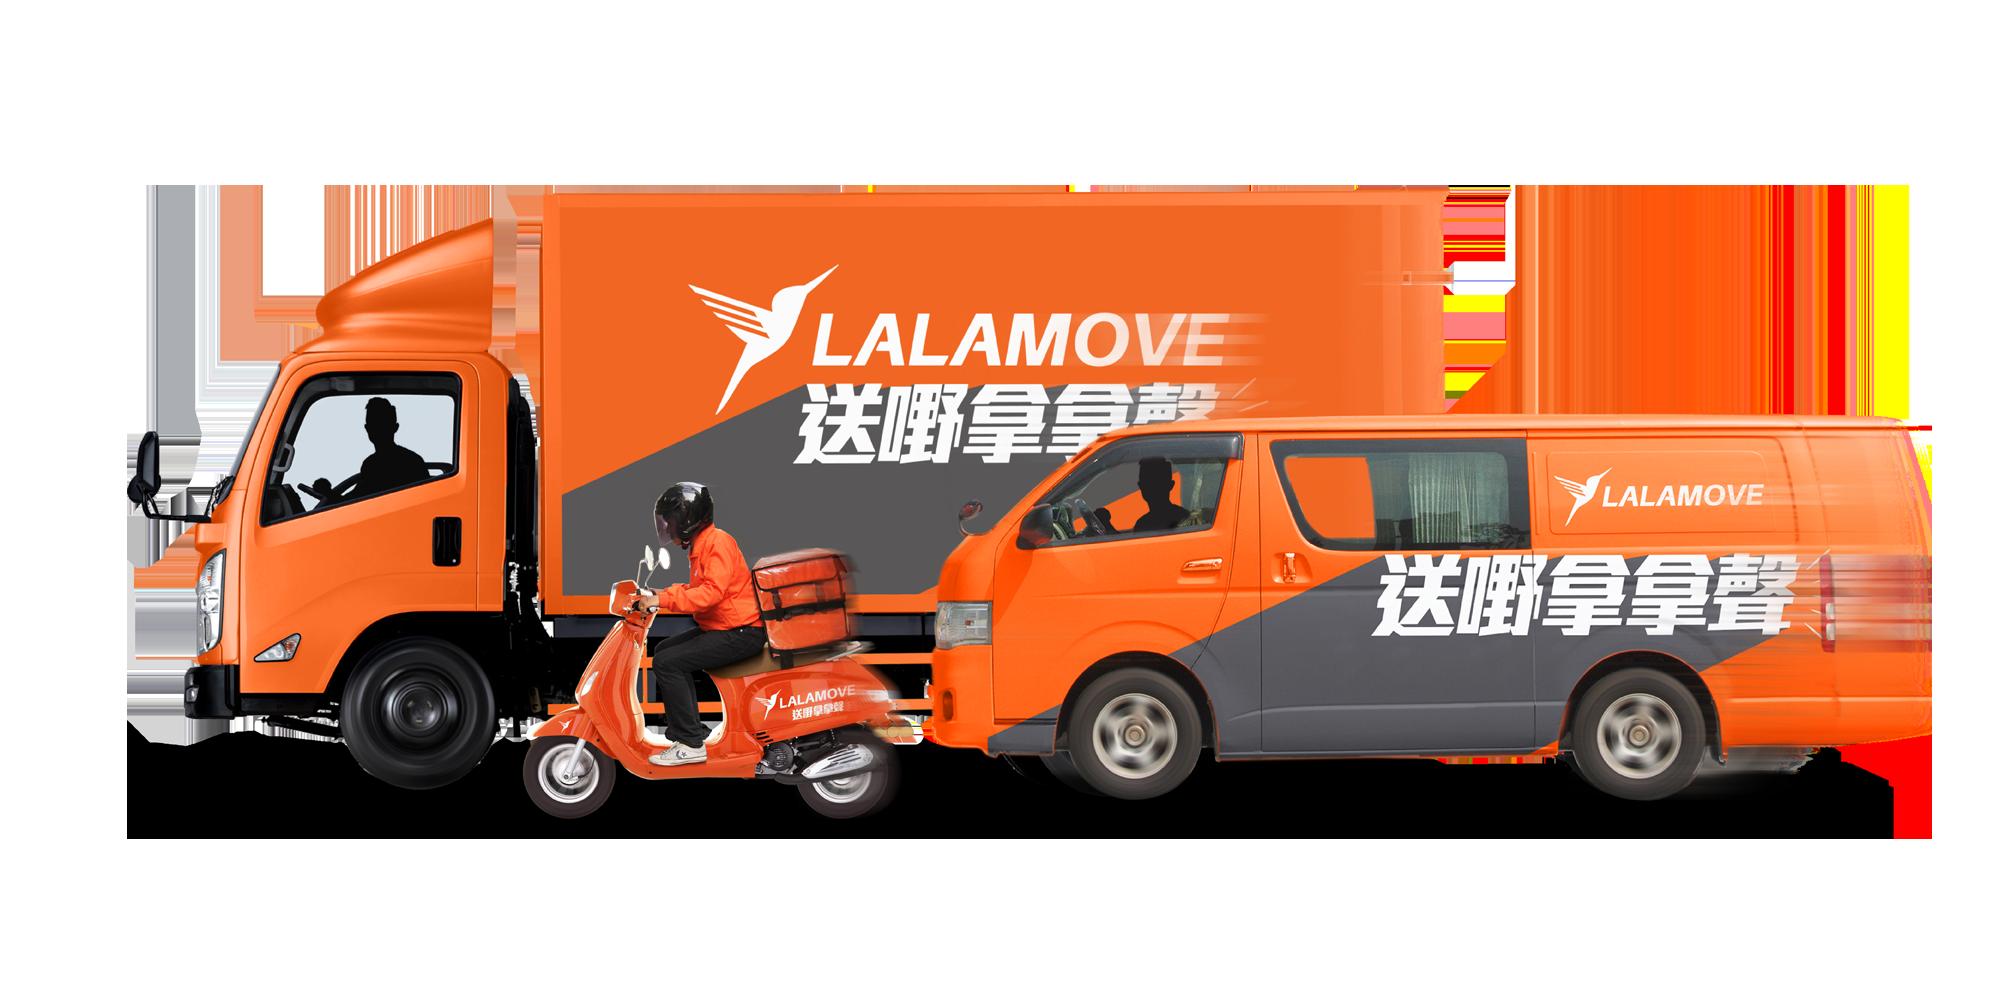 All-in-One_Van-Truck-Moto_2018-01_s 2